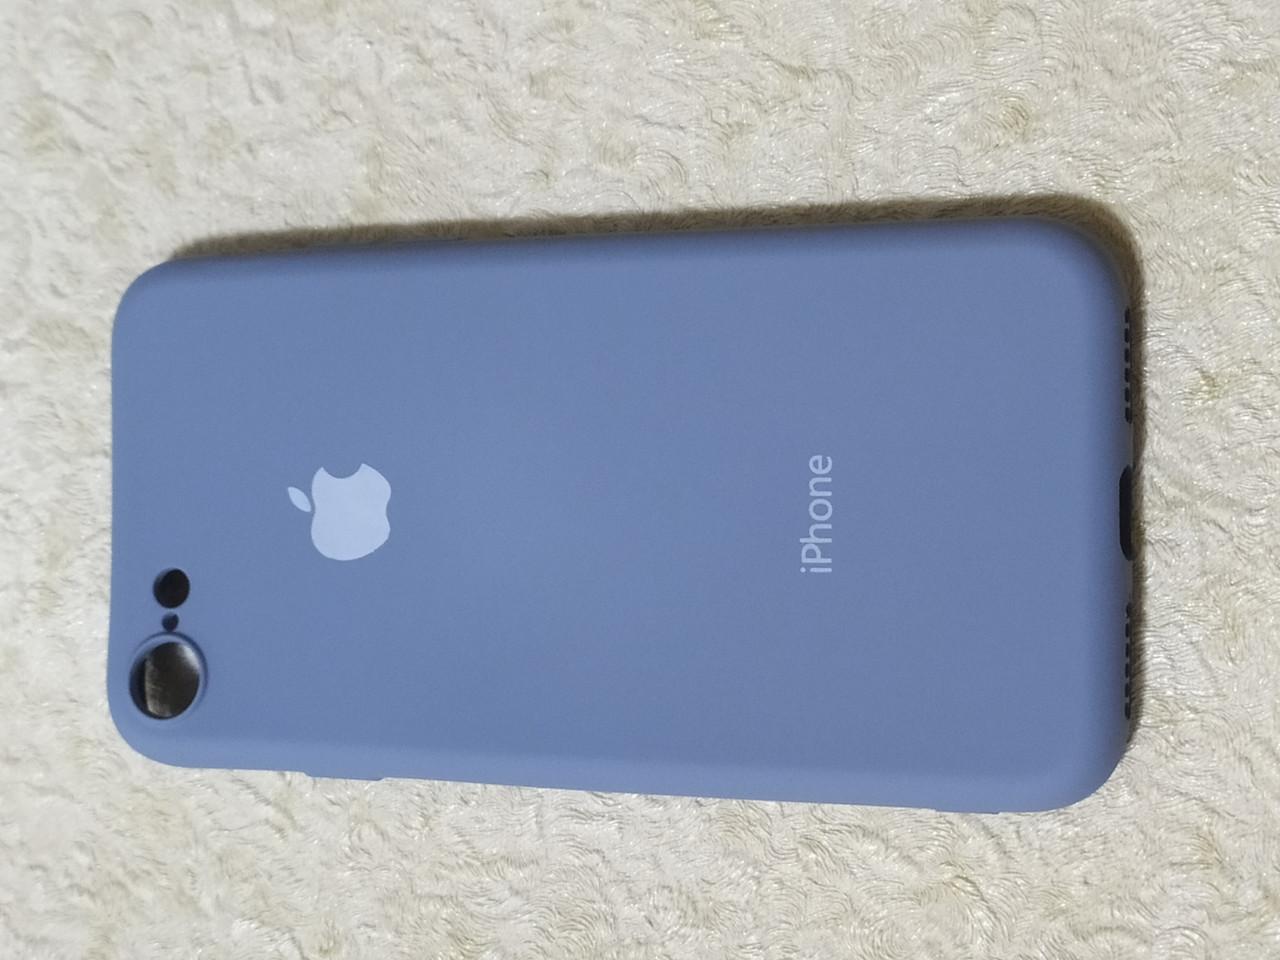 Накладка   Silicon Cover full   для  iPhone 7 / 8    (серый) Copy